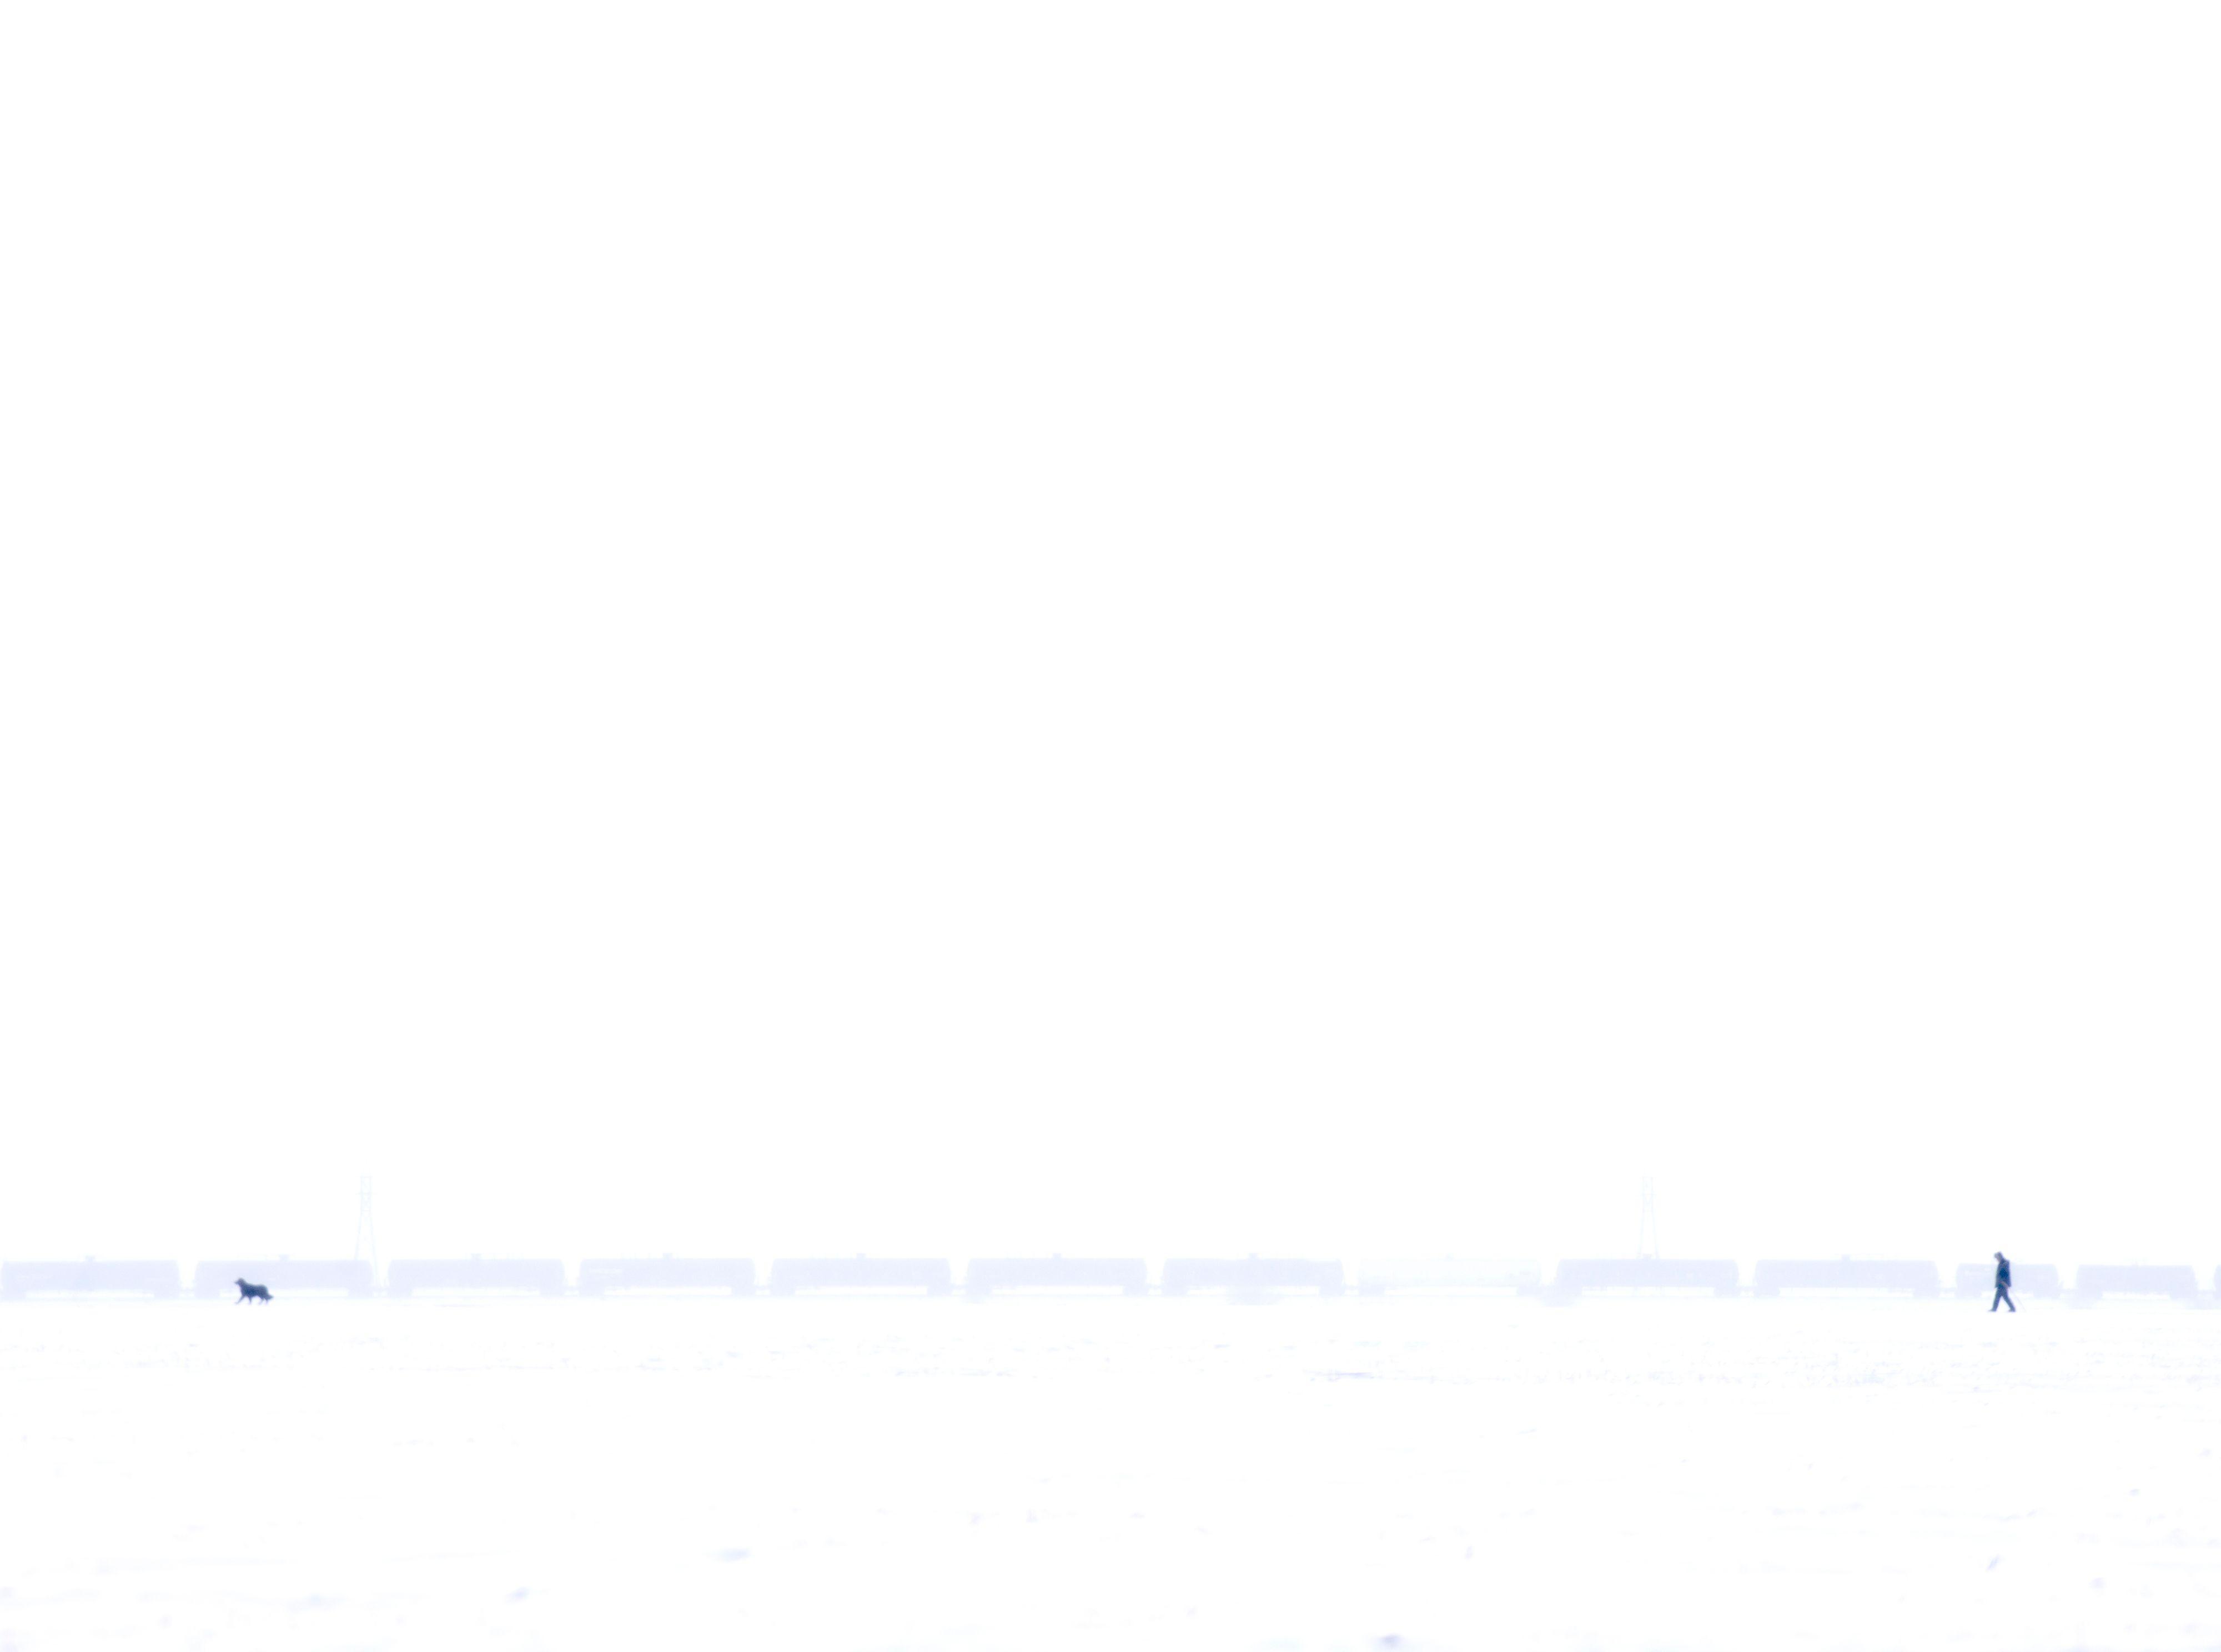 fltDSC_6589-2.jpg